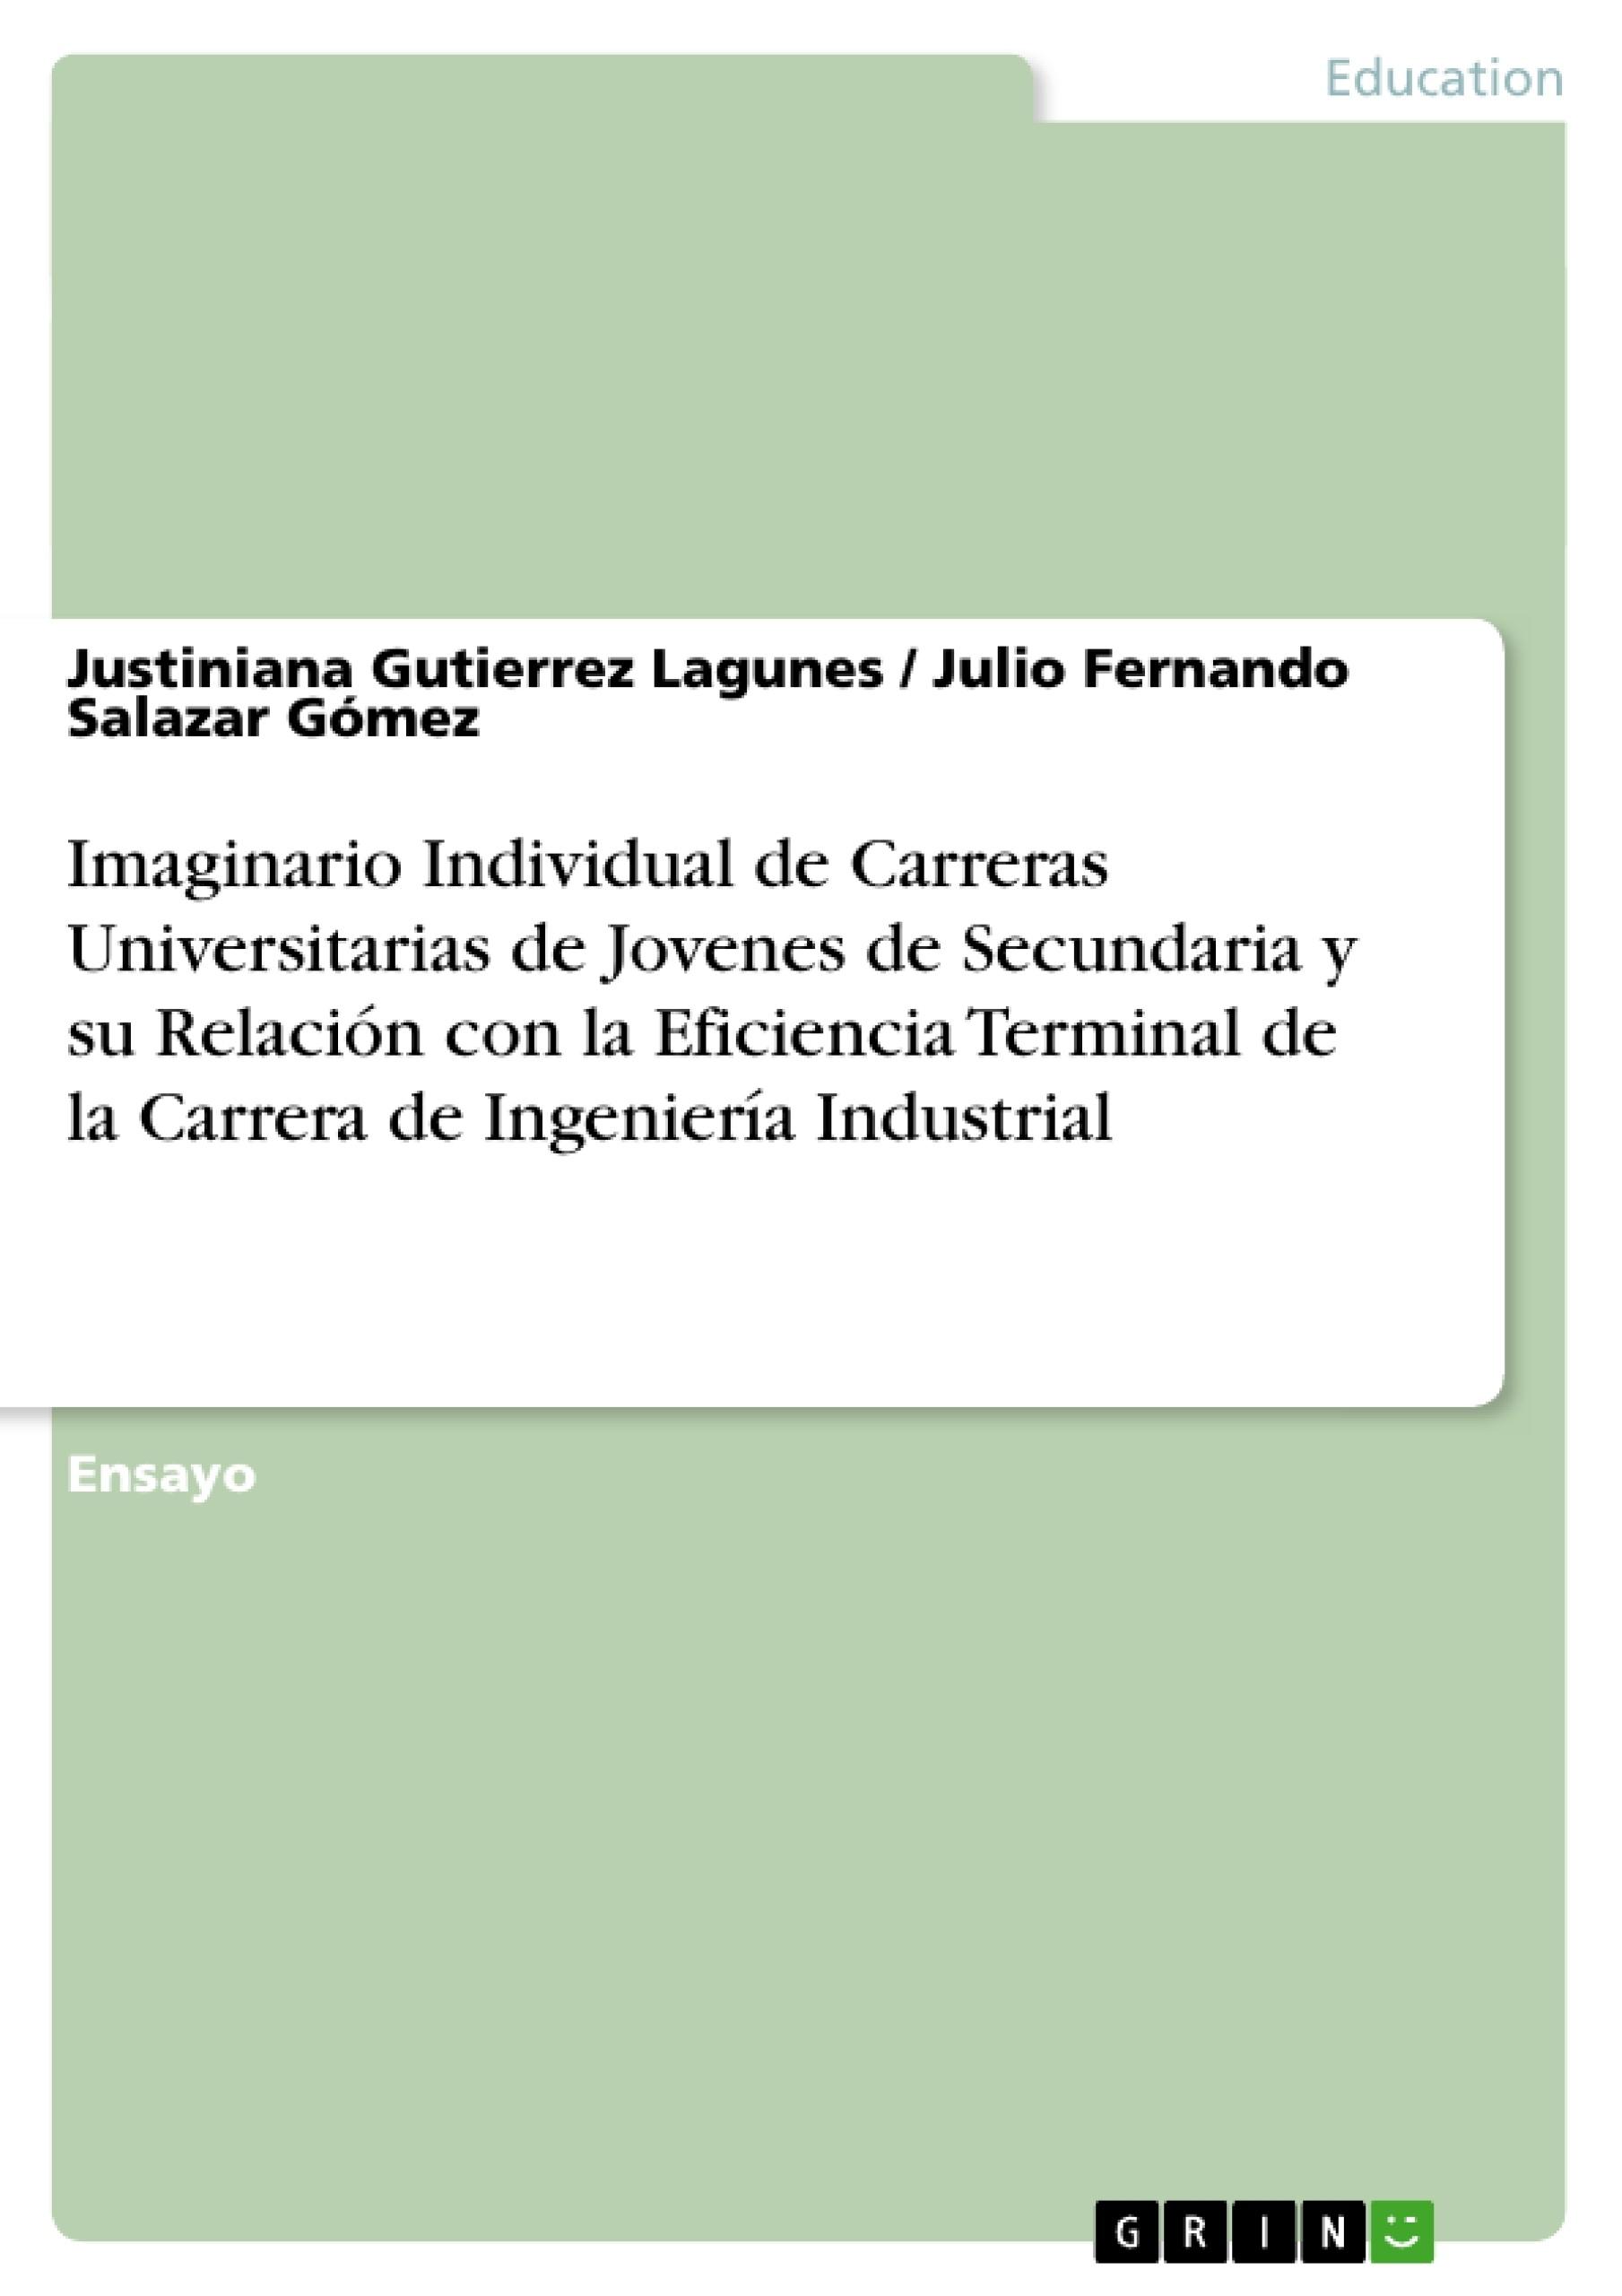 Título: Imaginario Individual de Carreras Universitarias de Jovenes de Secundaria y su Relación con la Eficiencia Terminal de la Carrera de Ingeniería Industrial